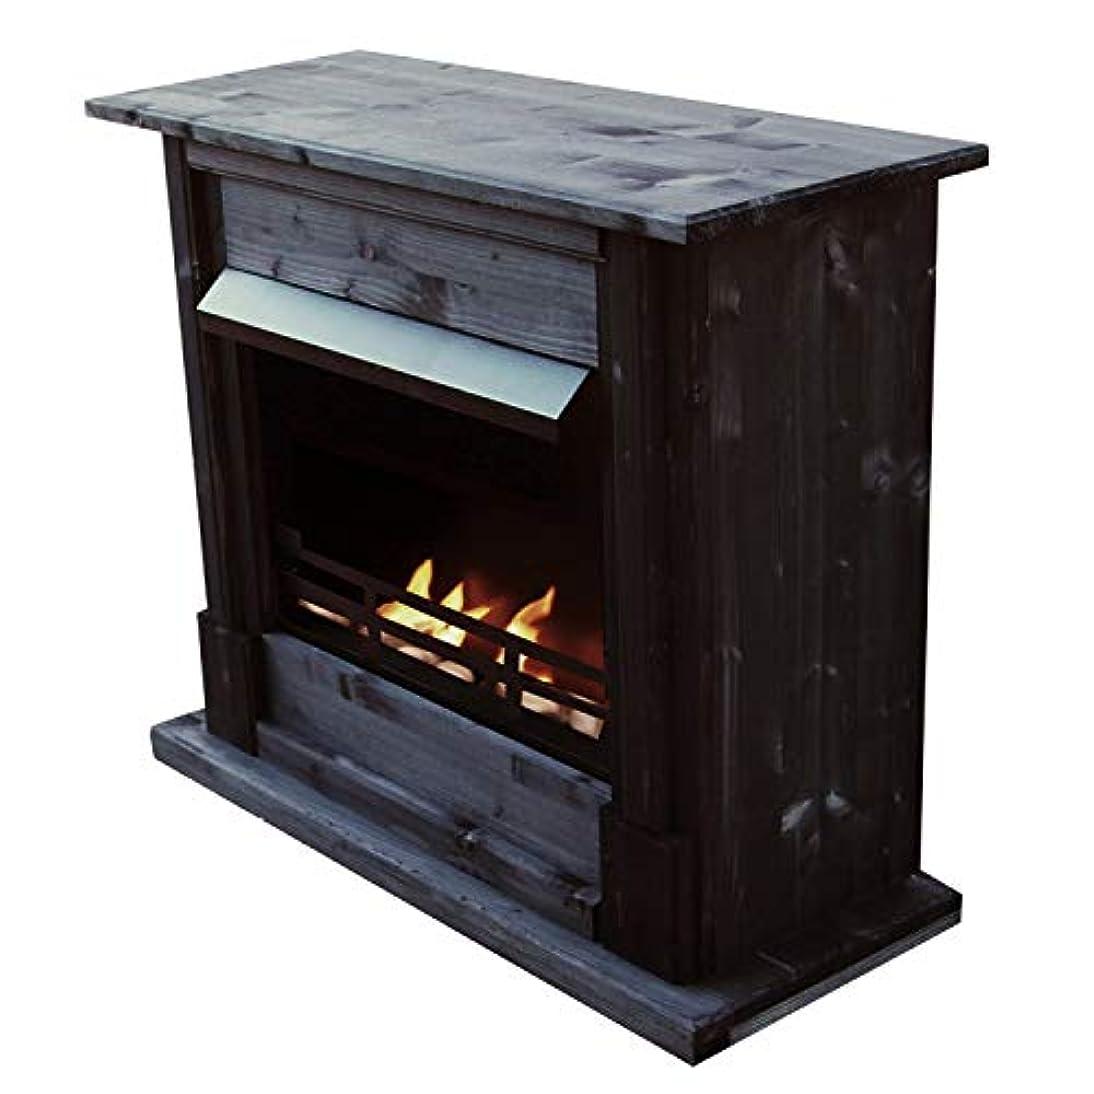 怠惰どこかメリージェル+ ethanol fire-places Emilyデラックスinclusive : 1調節可能なstainless-steel Burner ブラック 10080